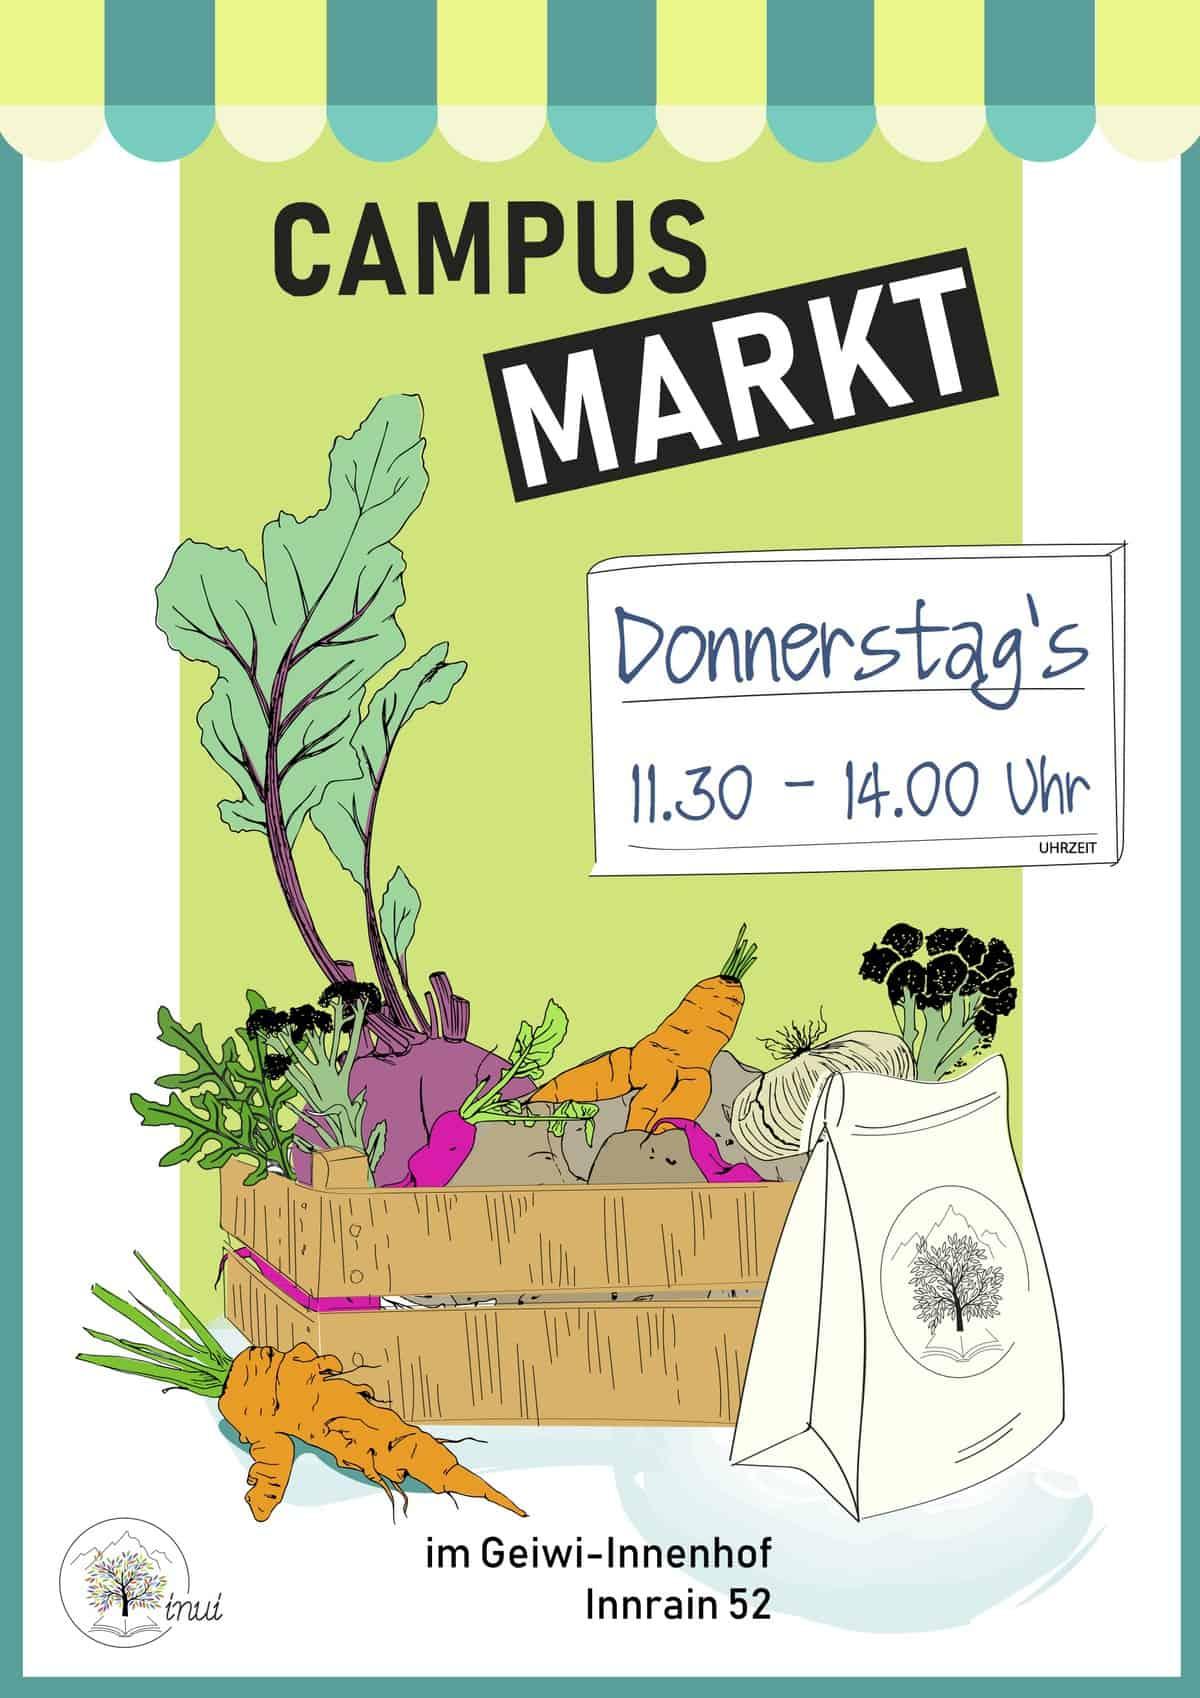 Campus-Markt von INUI jeden Donnerstag an der Haupt-Uni Innsbruck 69